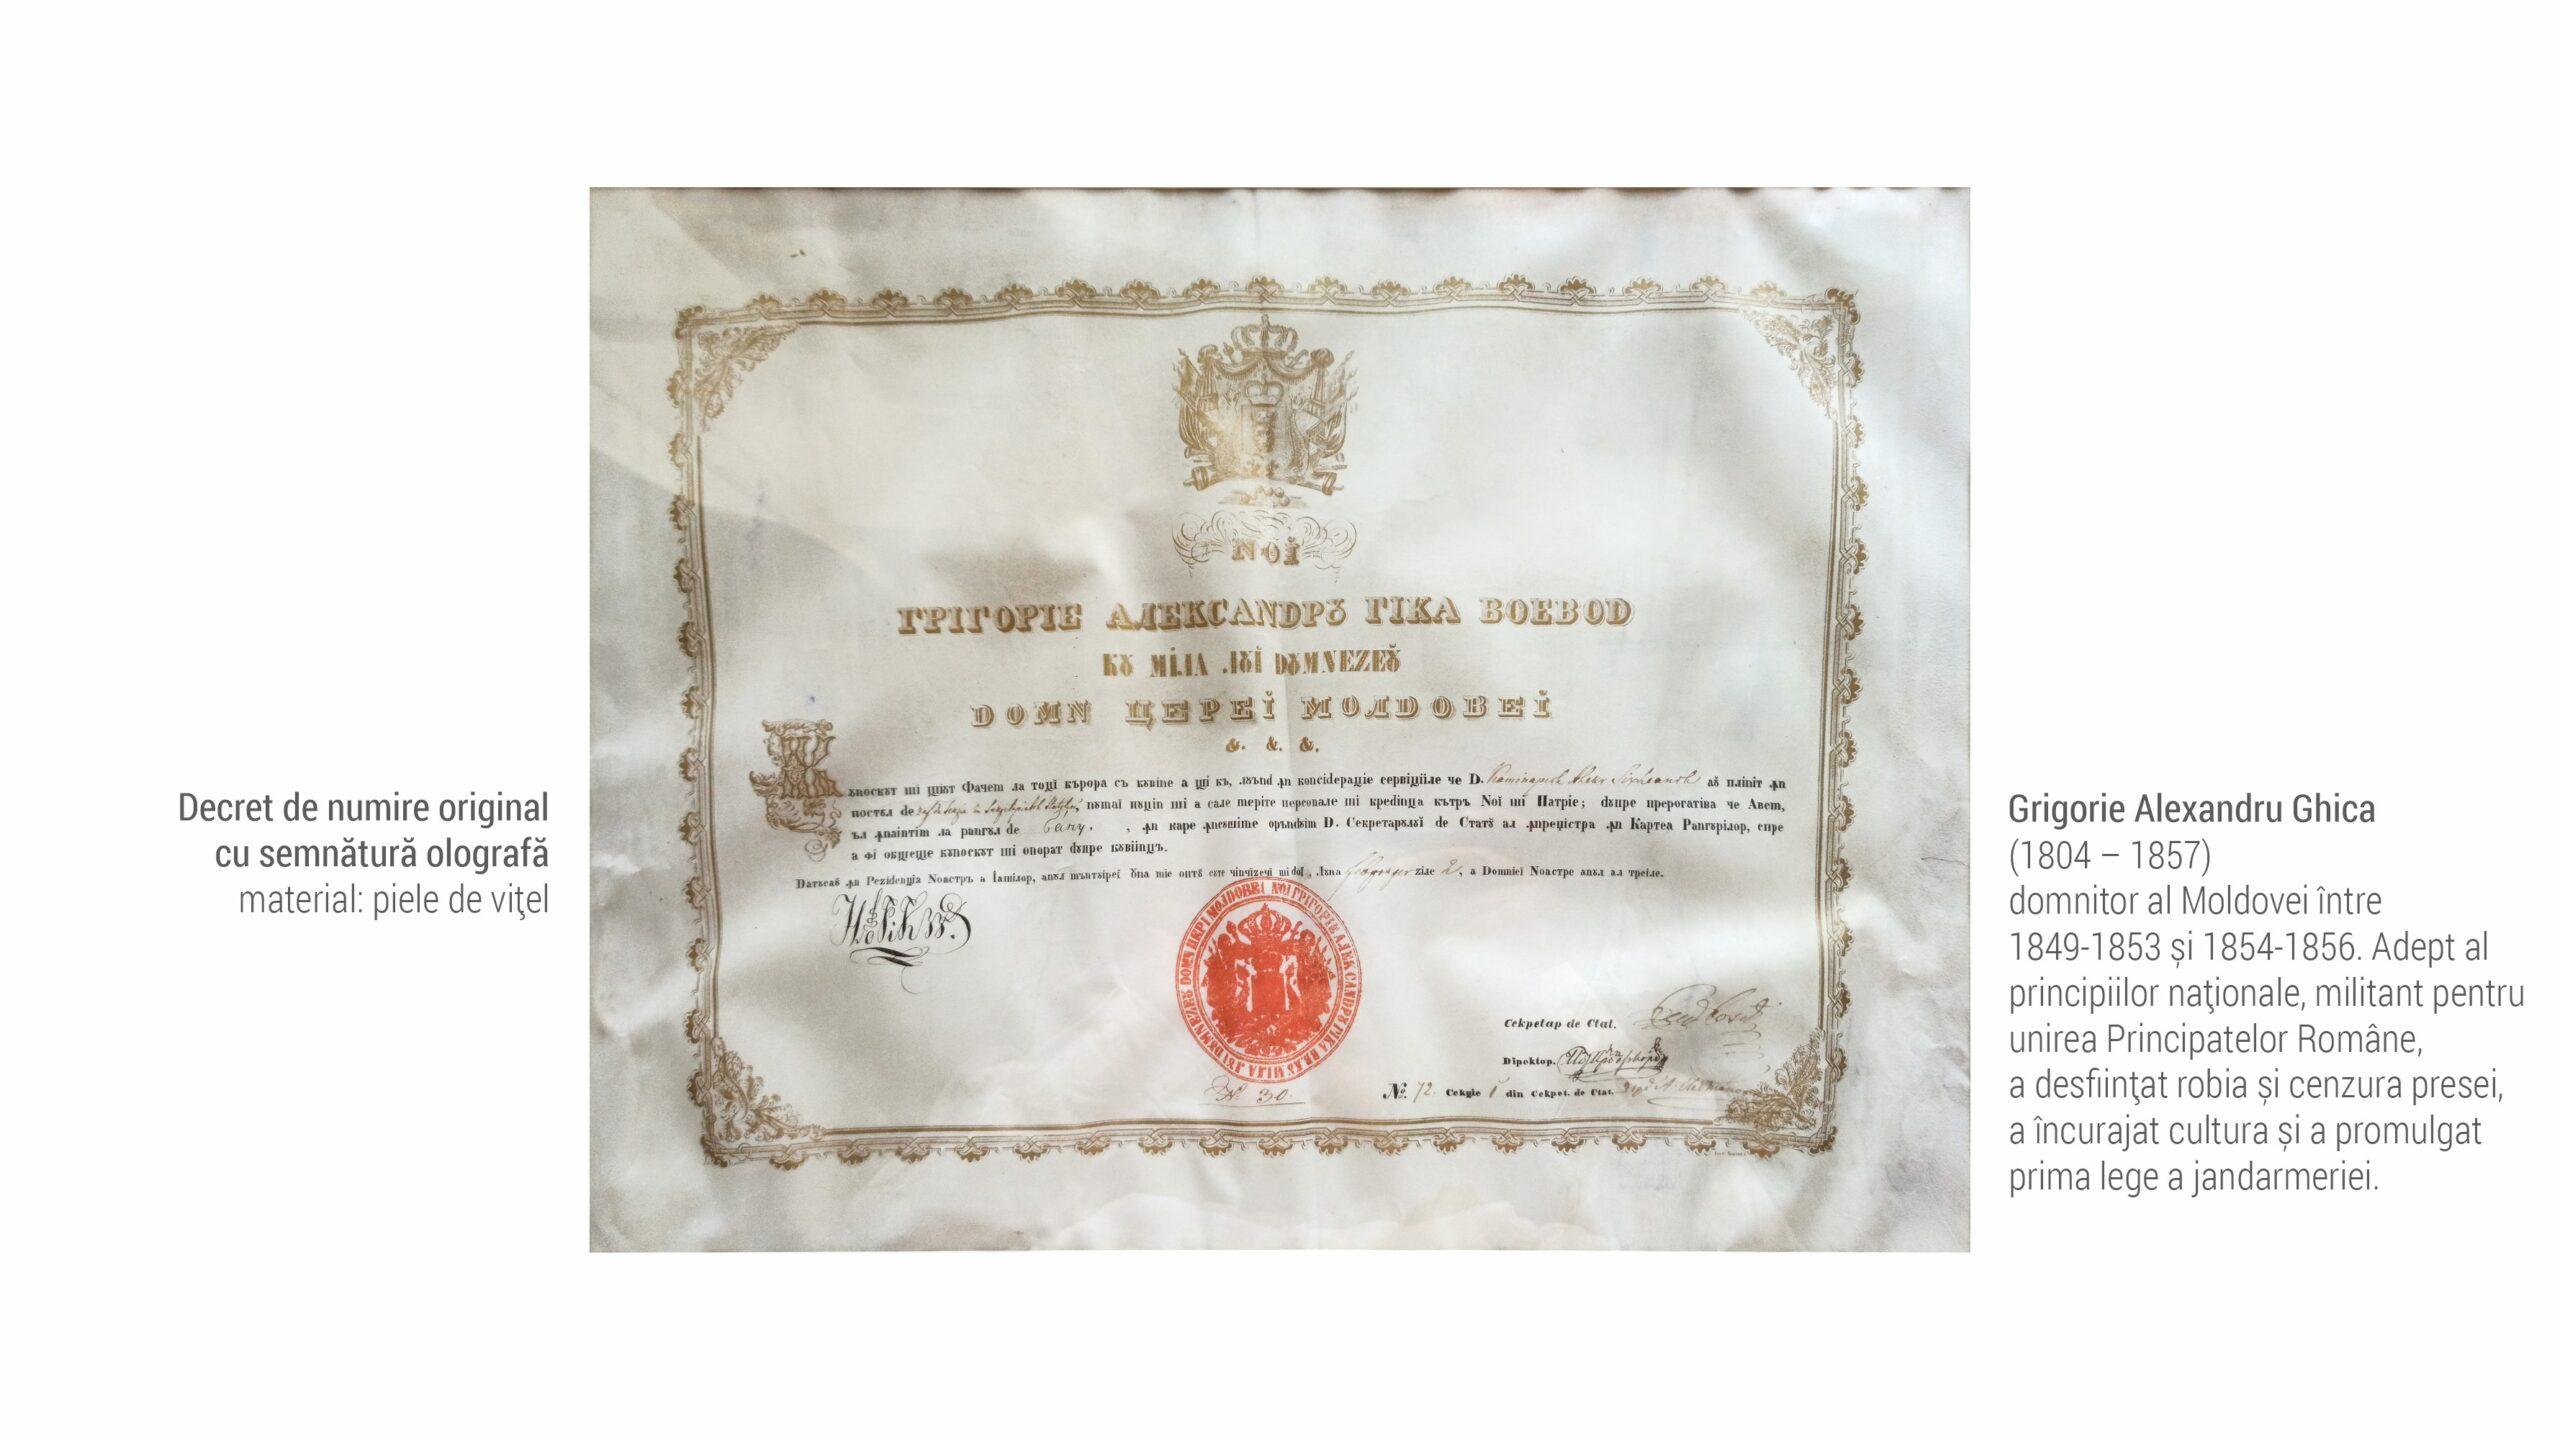 1809 Grigorie Alexandru Ghica - decret de numire